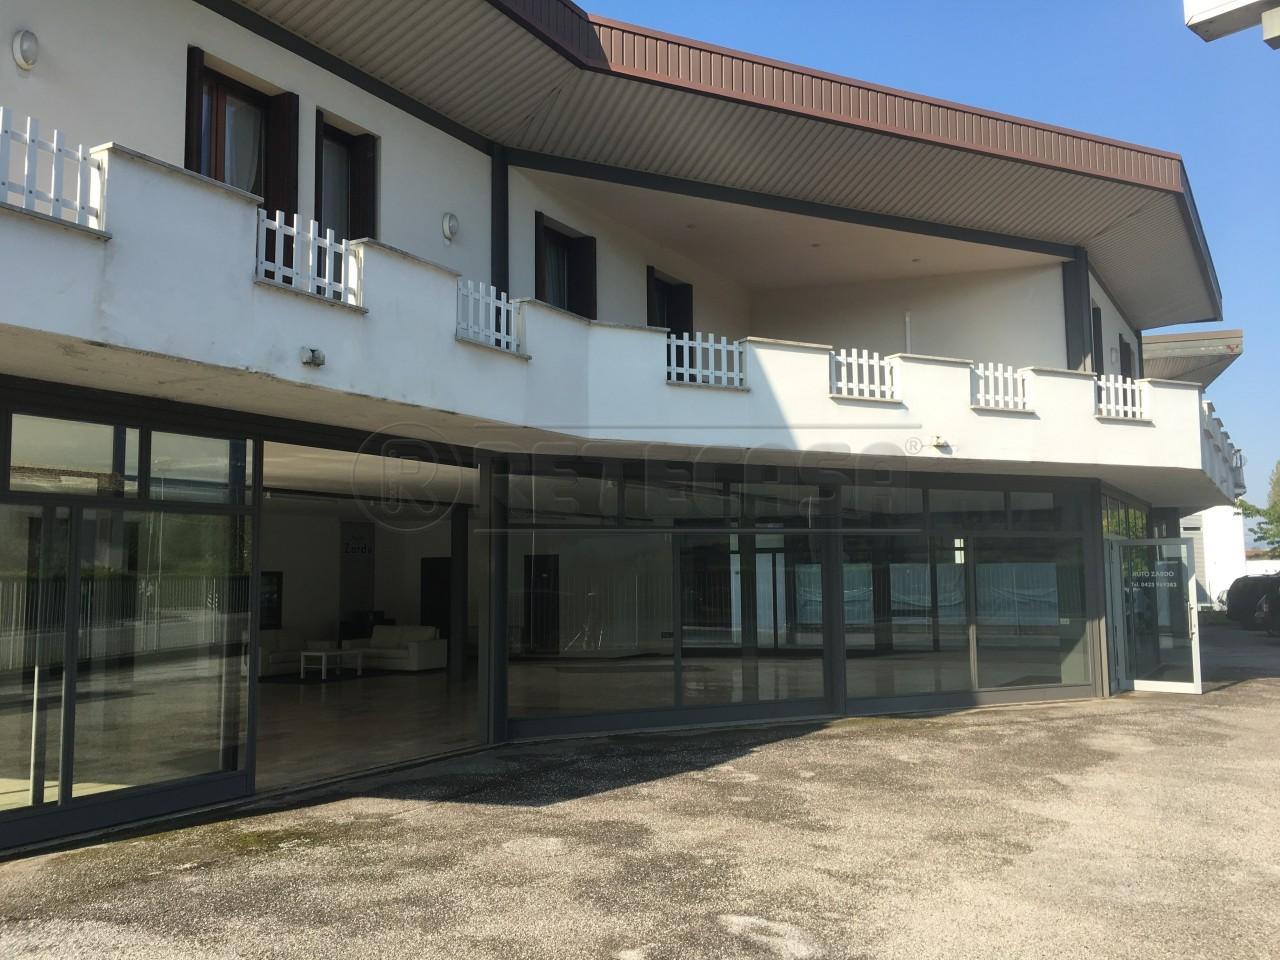 Palazzo / Stabile in vendita a San Zenone degli Ezzelini, 10 locali, prezzo € 390.000   CambioCasa.it